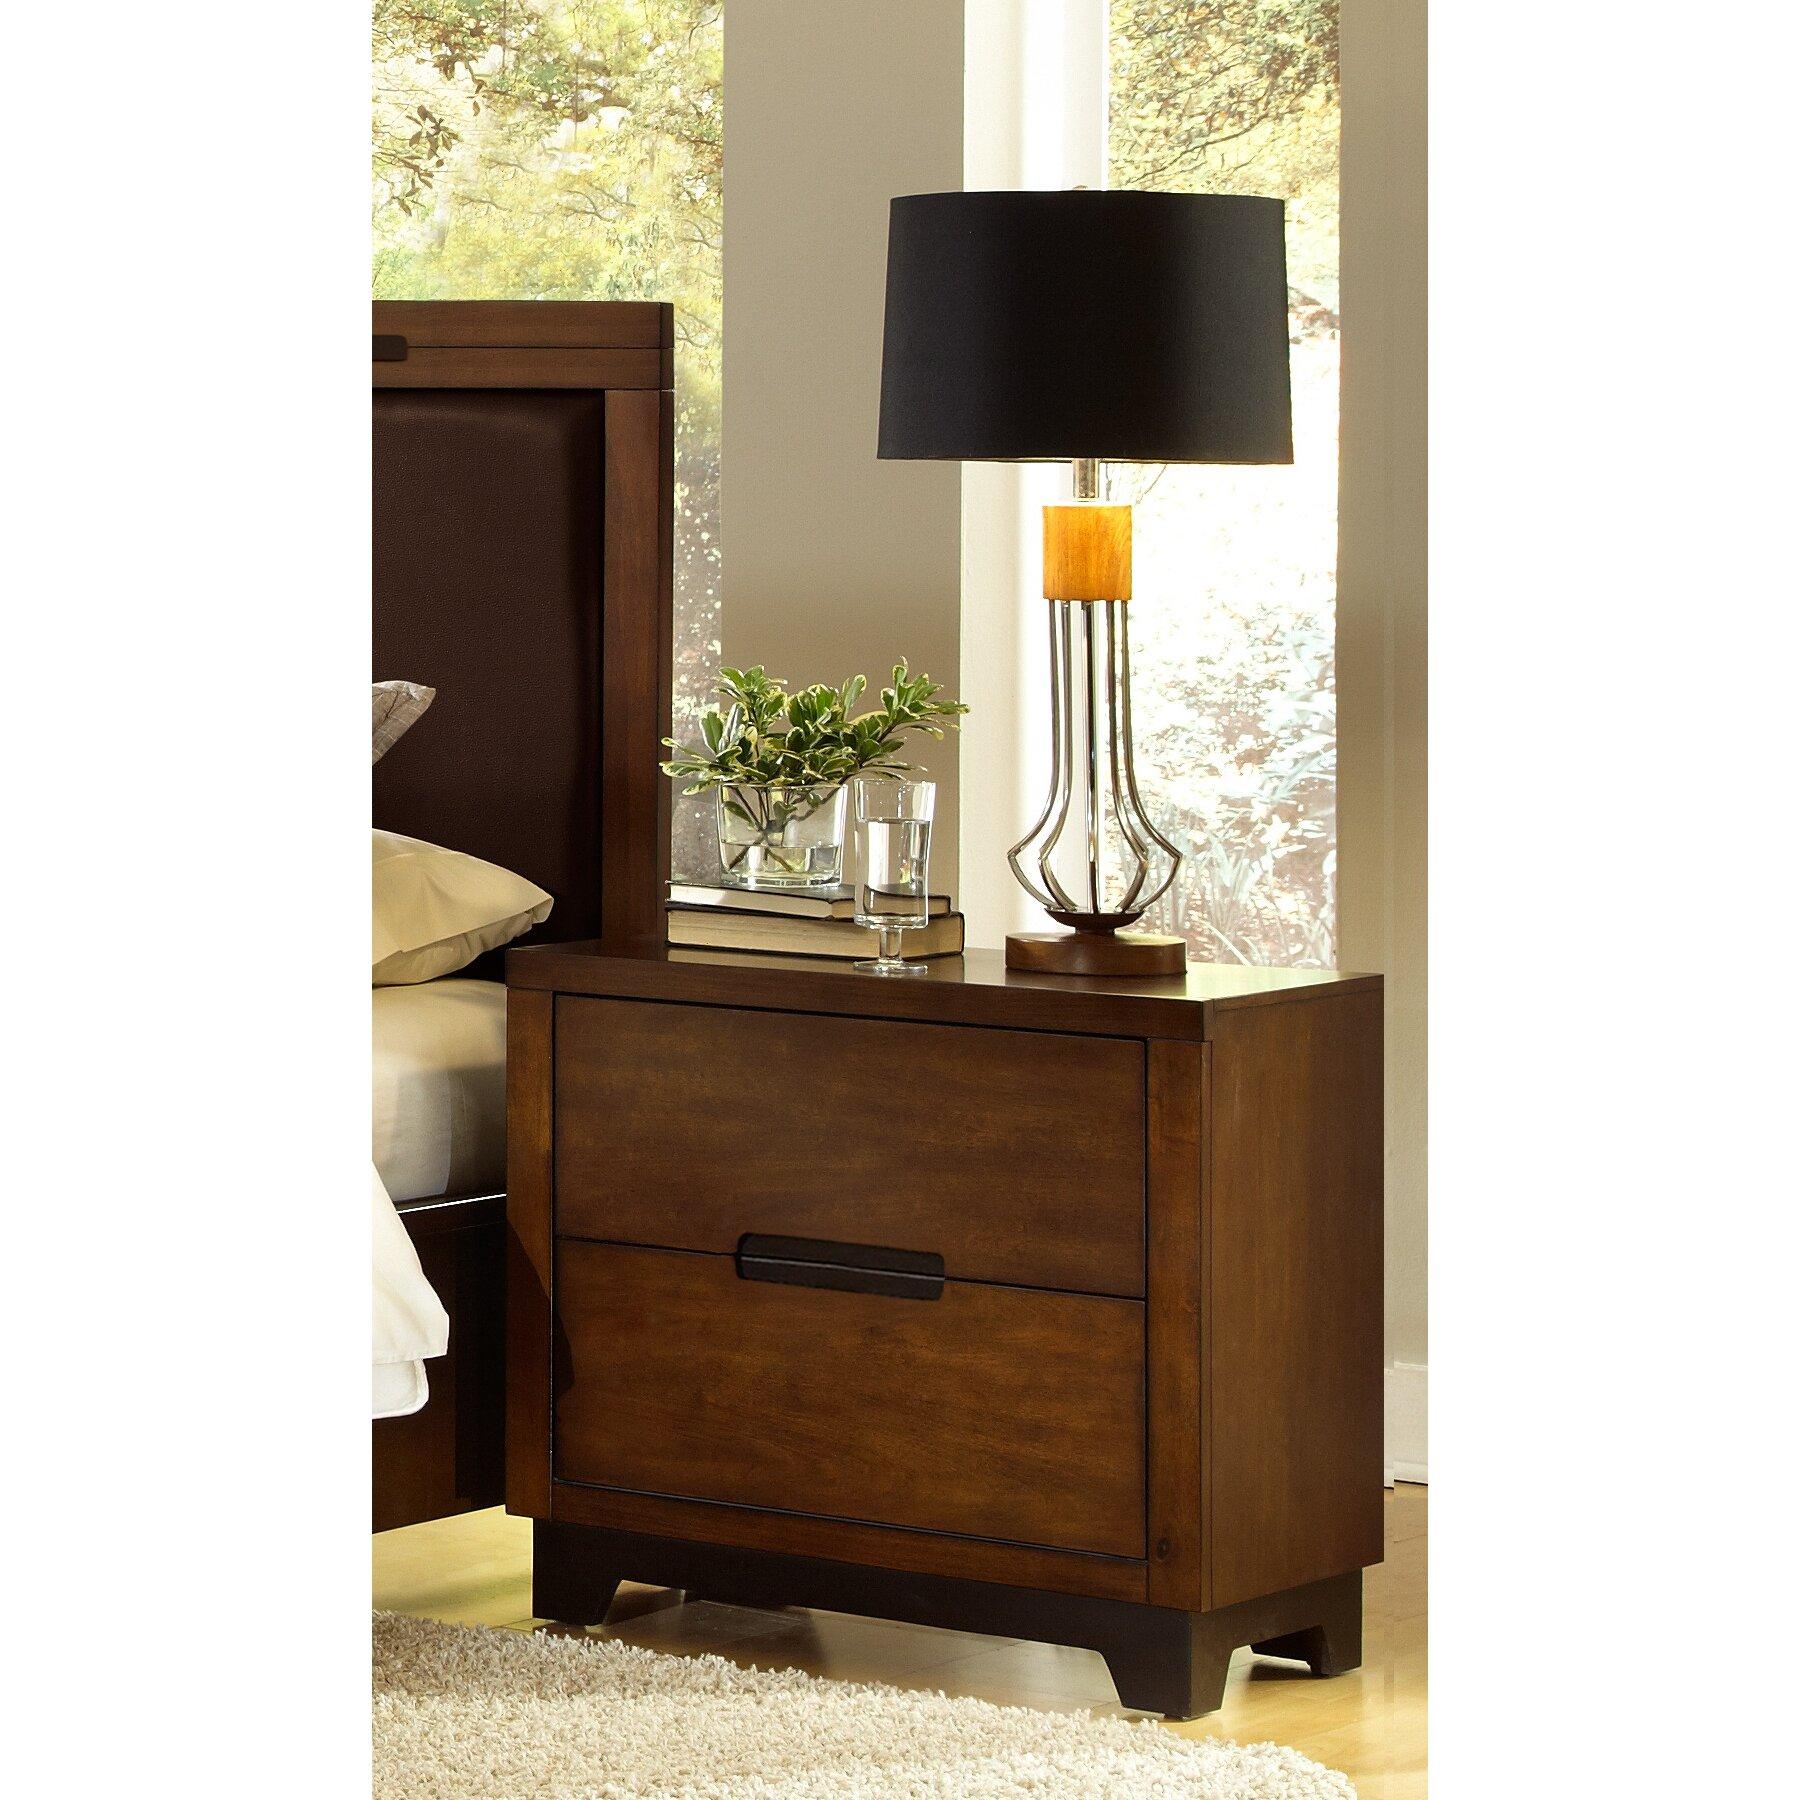 29 Mattress Sales Portland Furniture Specials Amp